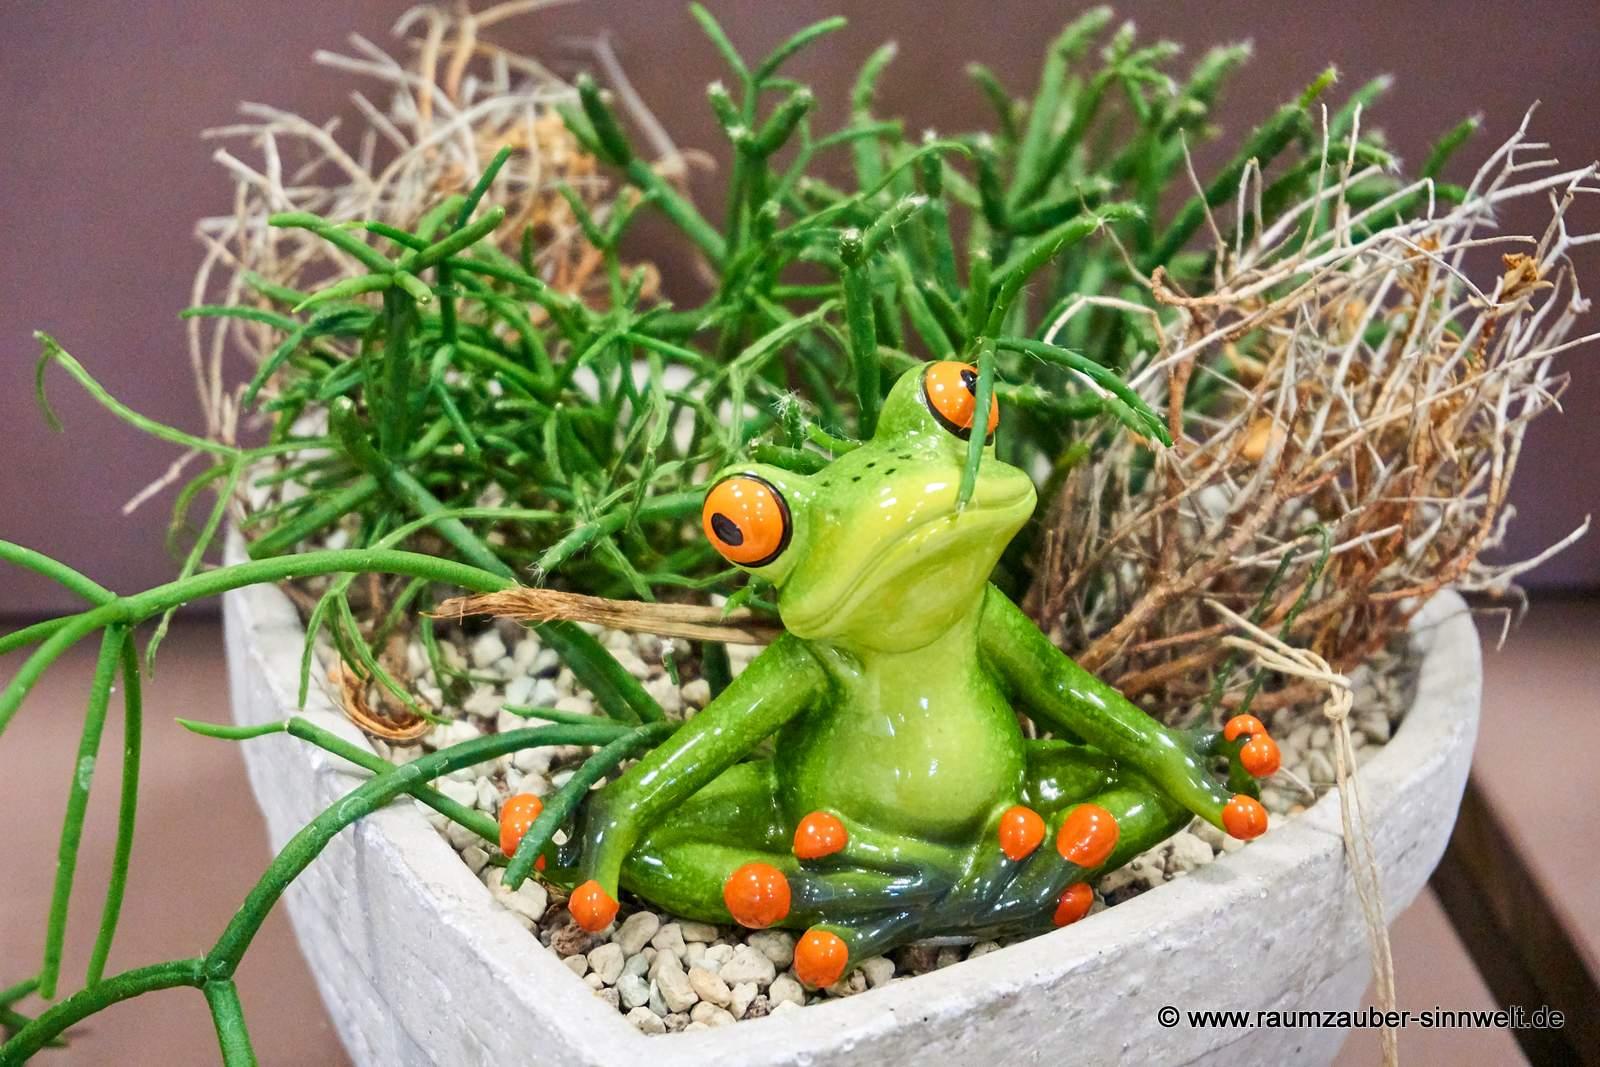 Yoga-Frosch von formano in bepflanzter Steinkeramik